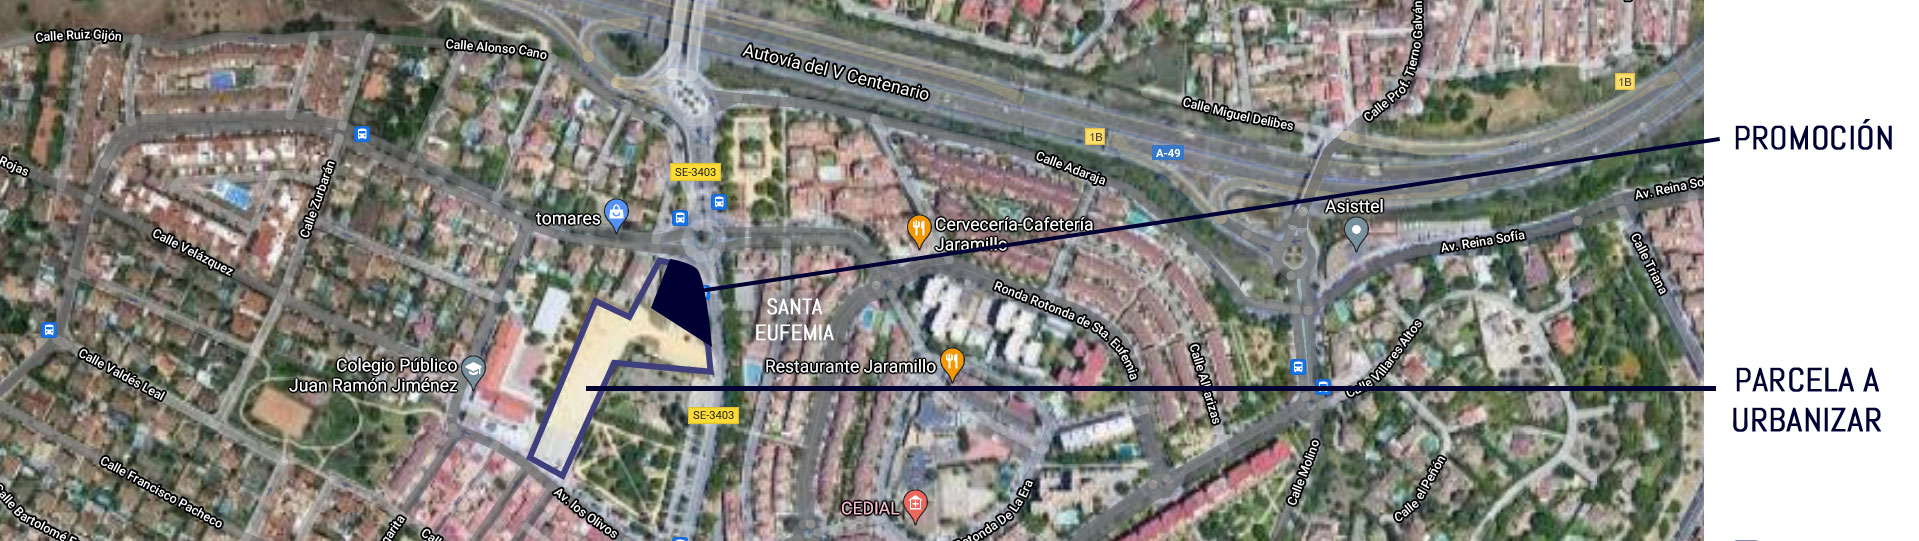 Mapa de la promoción de viviendas de obra nueva en Tomares